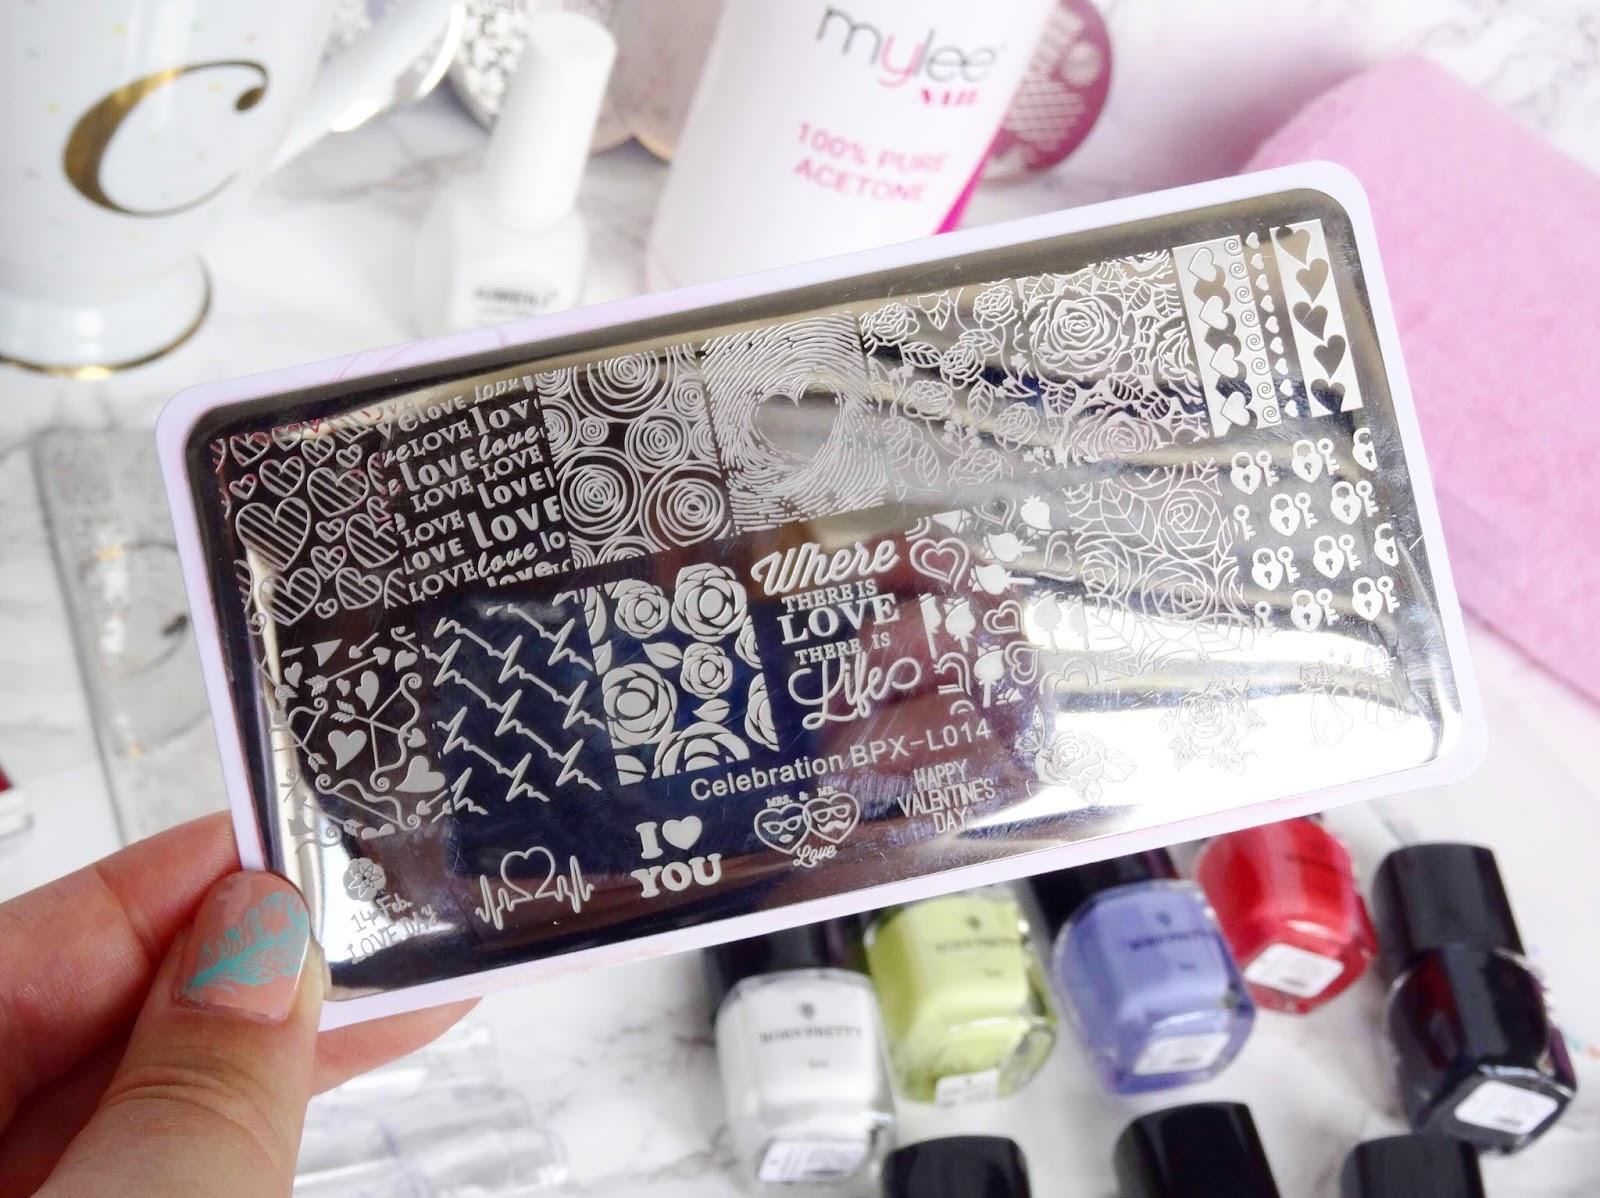 Born Pretty Stamping Plate